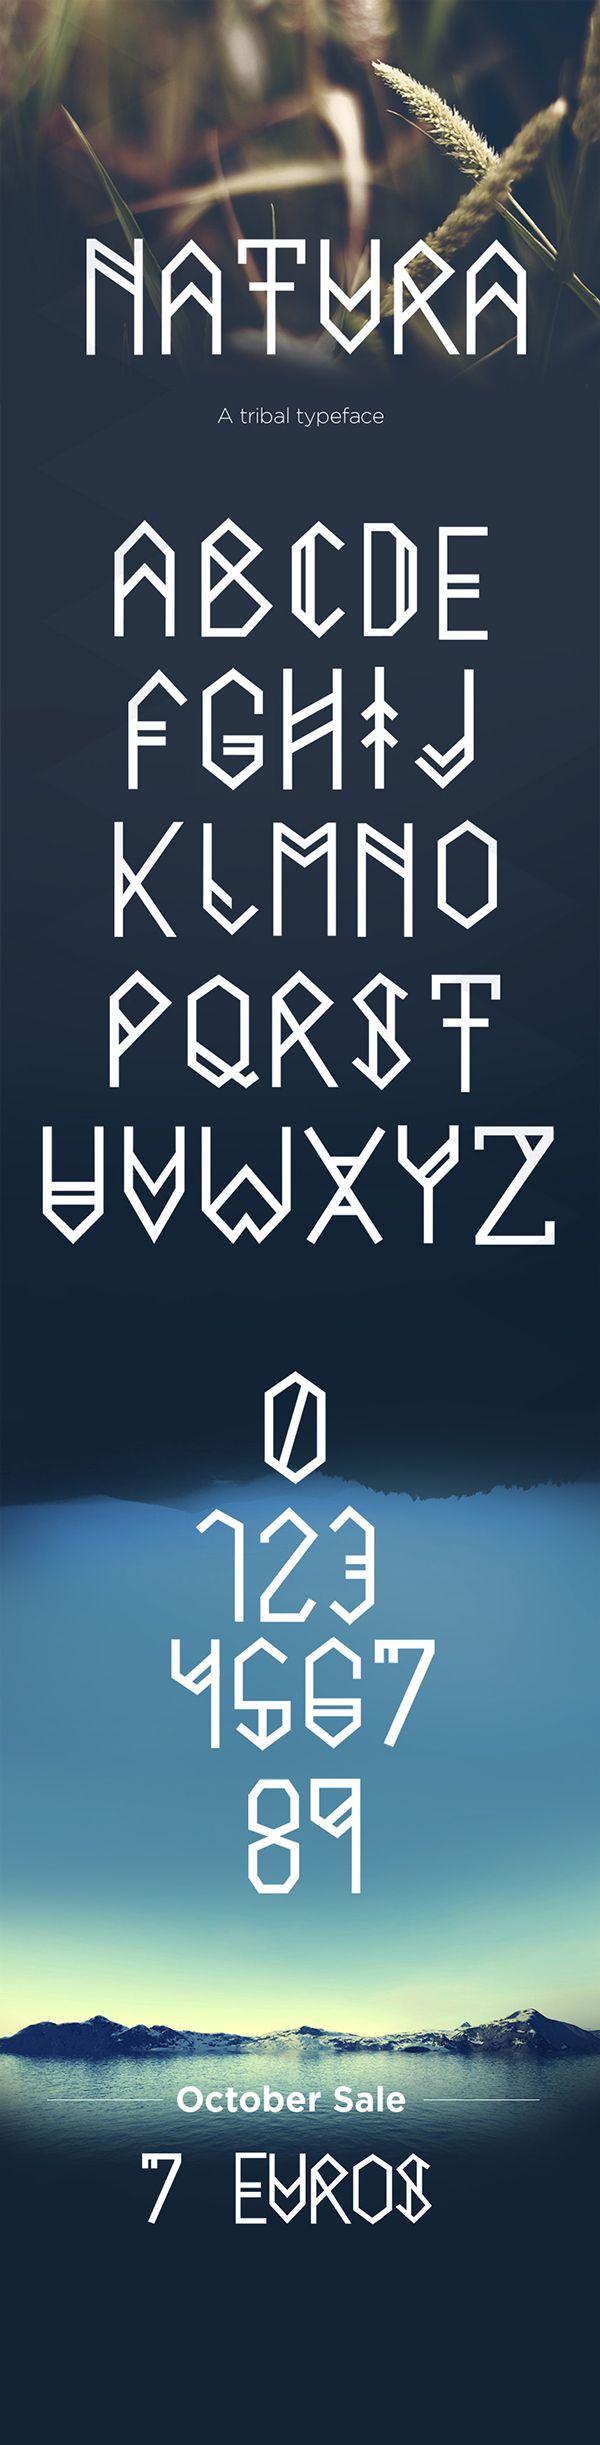 Natura typeface on Behance